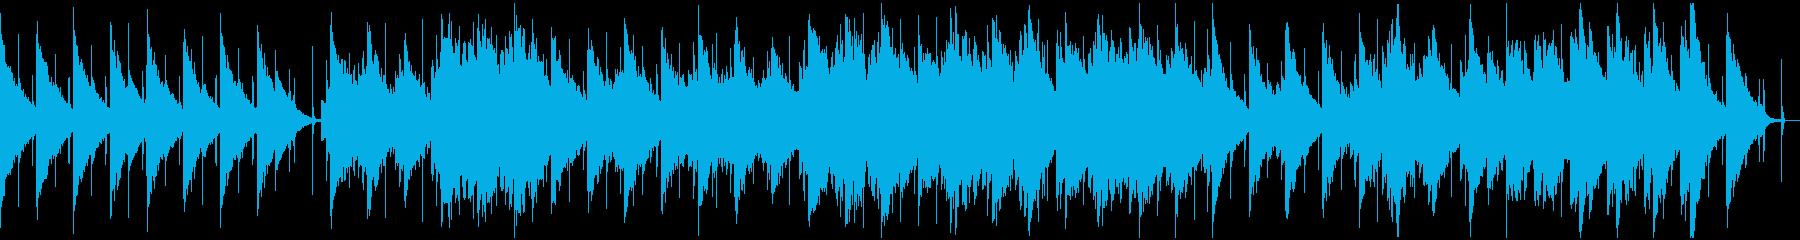 ループ仕様 静かな雰囲気のBGMの再生済みの波形